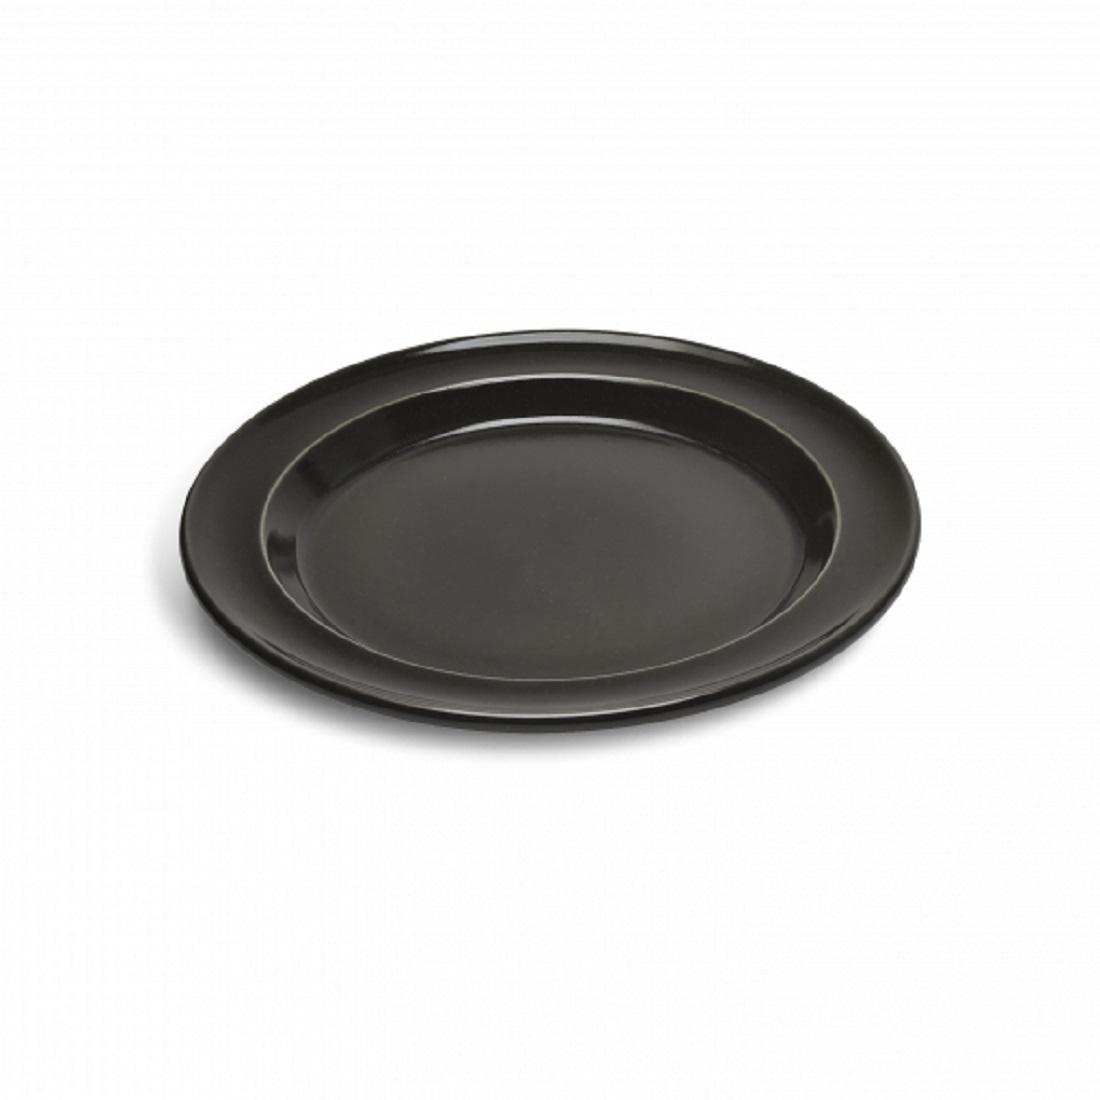 Онлайн каталог PROMENU: Тарелка десертная/закусочная Emile Henry Tableware, диаметр 21 см, черный Emile Henry 798870